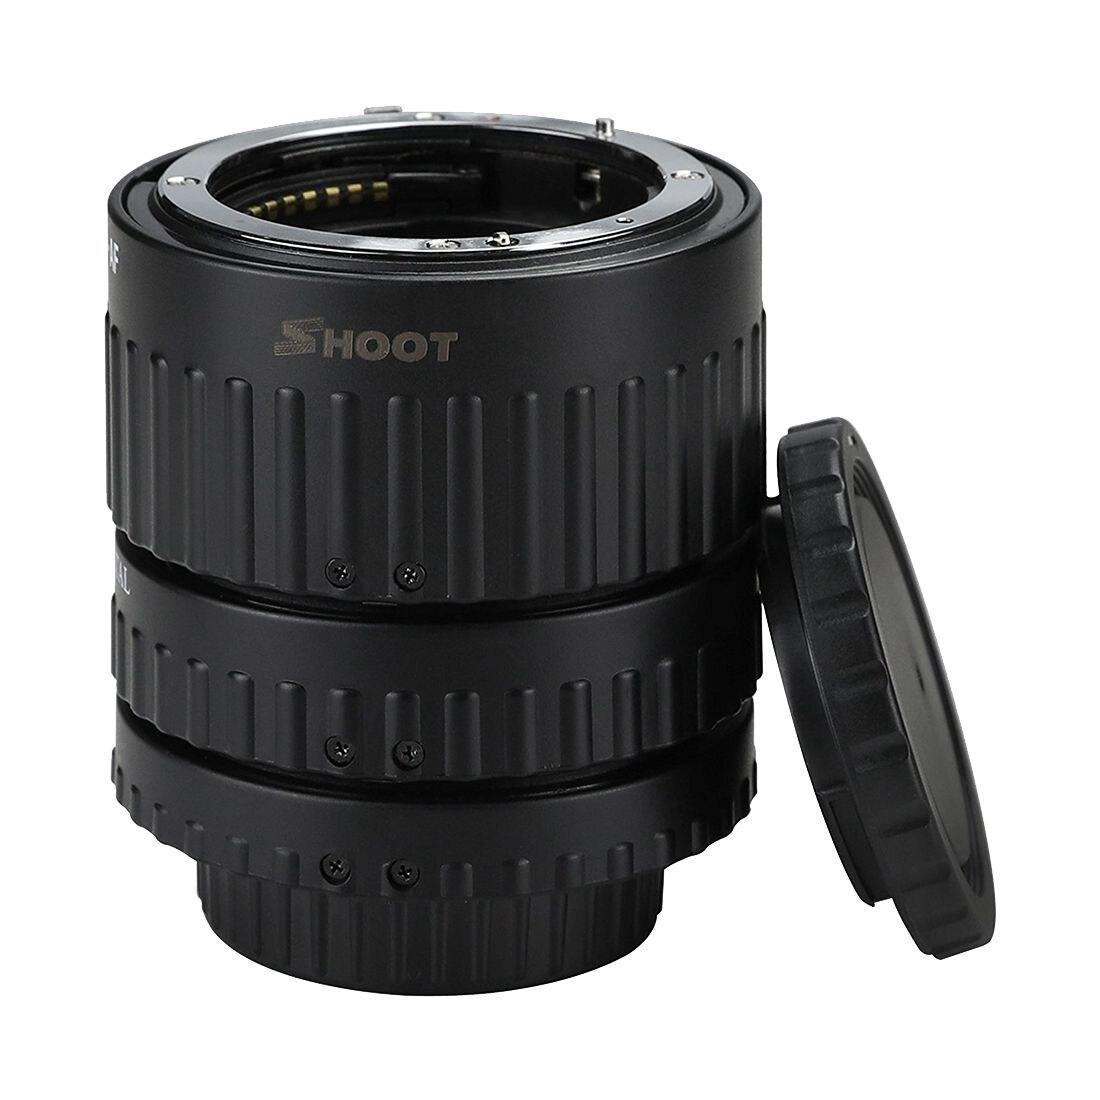 Nuevo Auto Focus Set para DSLR Nikon adaptador AF Macro tubo de extensión para Nikon D90 D3000 5000 D300 d600 y más